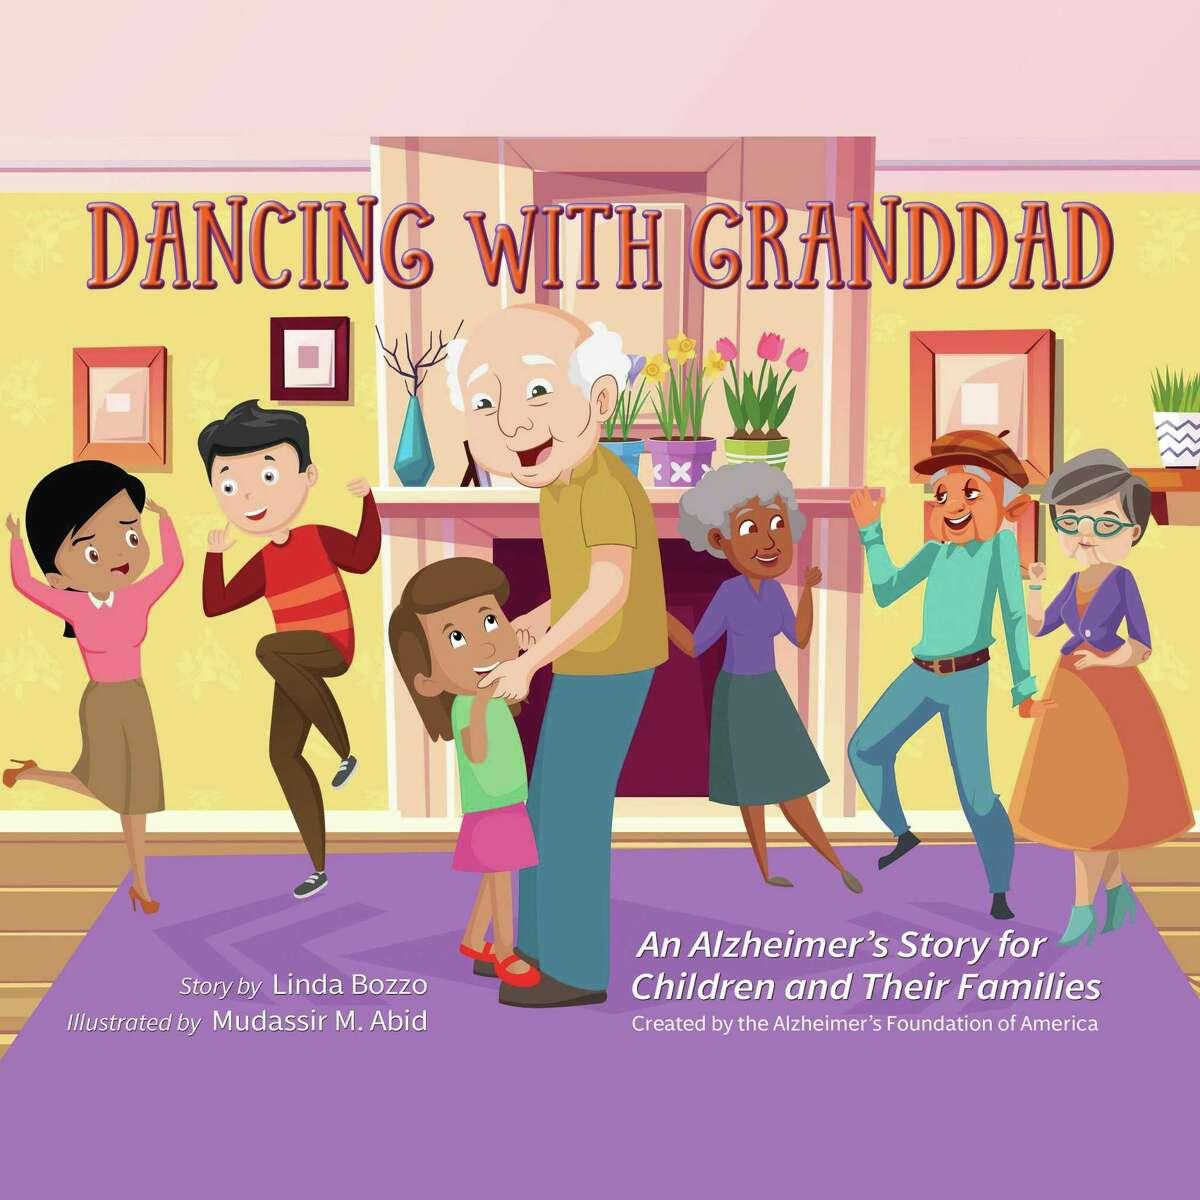 La asociación Alzheimer's Foundation of America (AFA) ha publicado Dancing with Granddad: An Alzheimer's Story for Children and Their Families en inglés y español, para sensibilizar a los menores sobre esta enfermedad cuando alguien de la familia la padece.